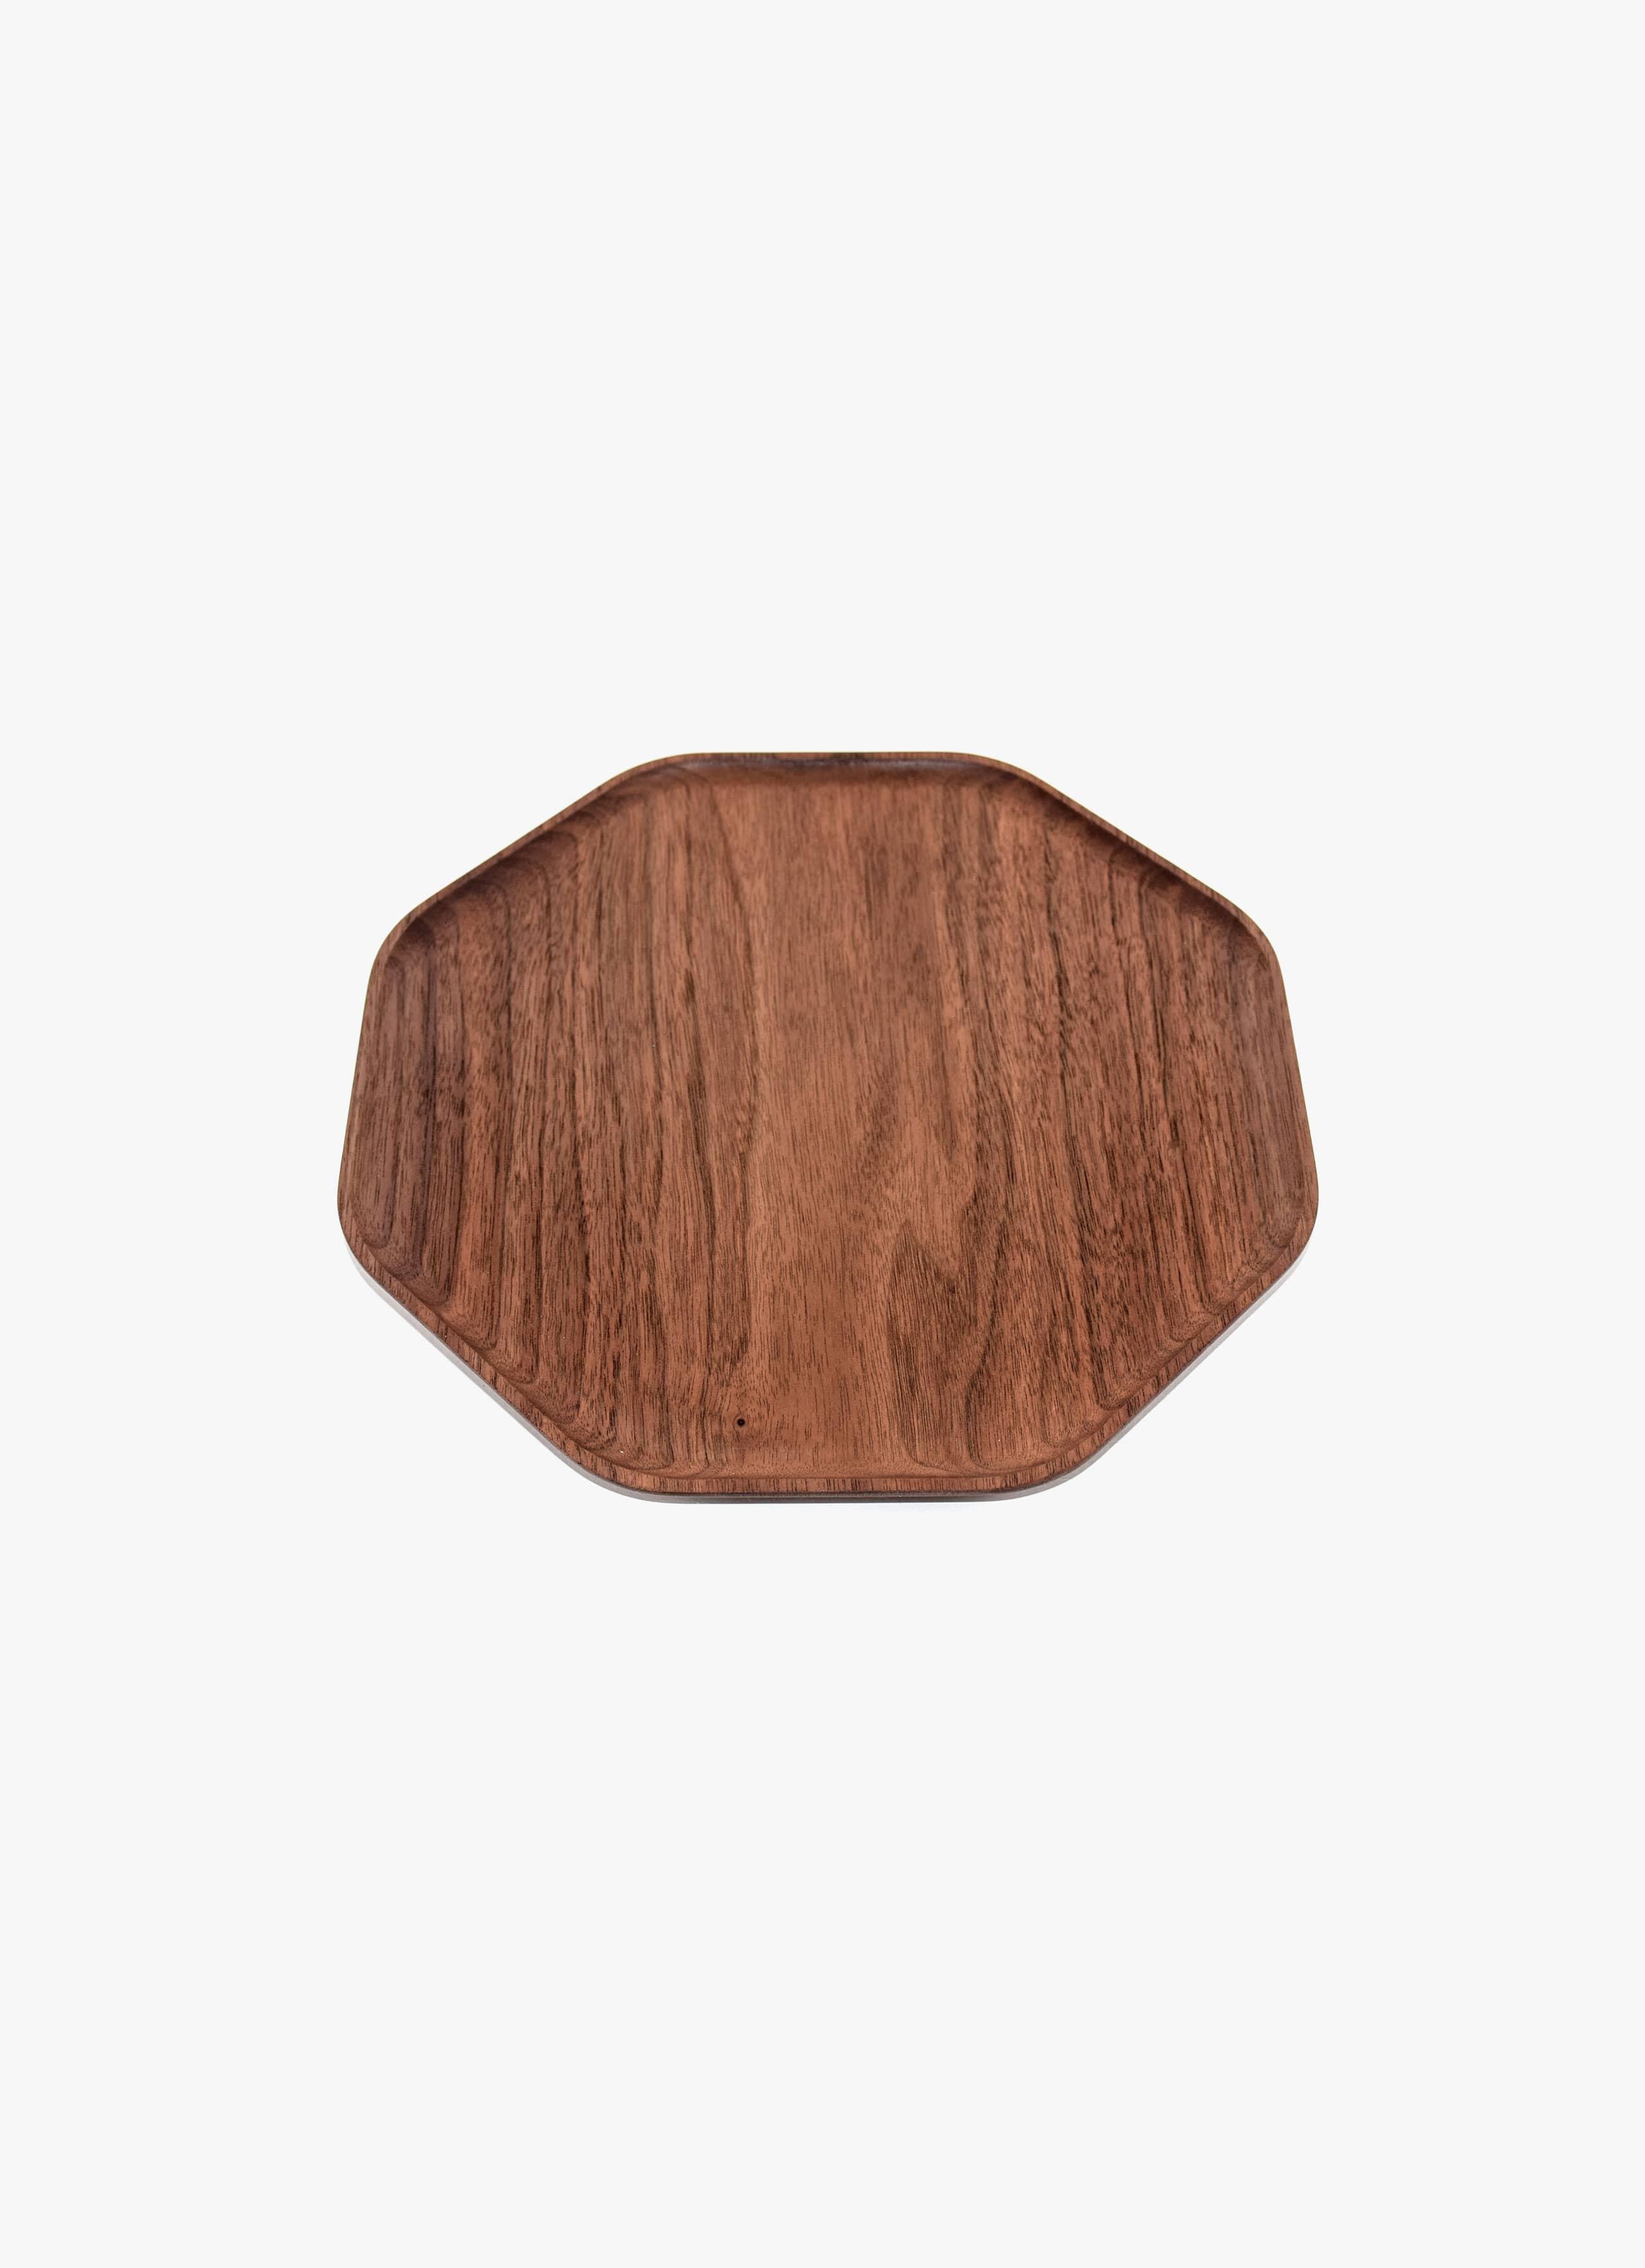 Asahikawa Woodworking - Oji Masanori - Kakudo Plate - Walnut - L